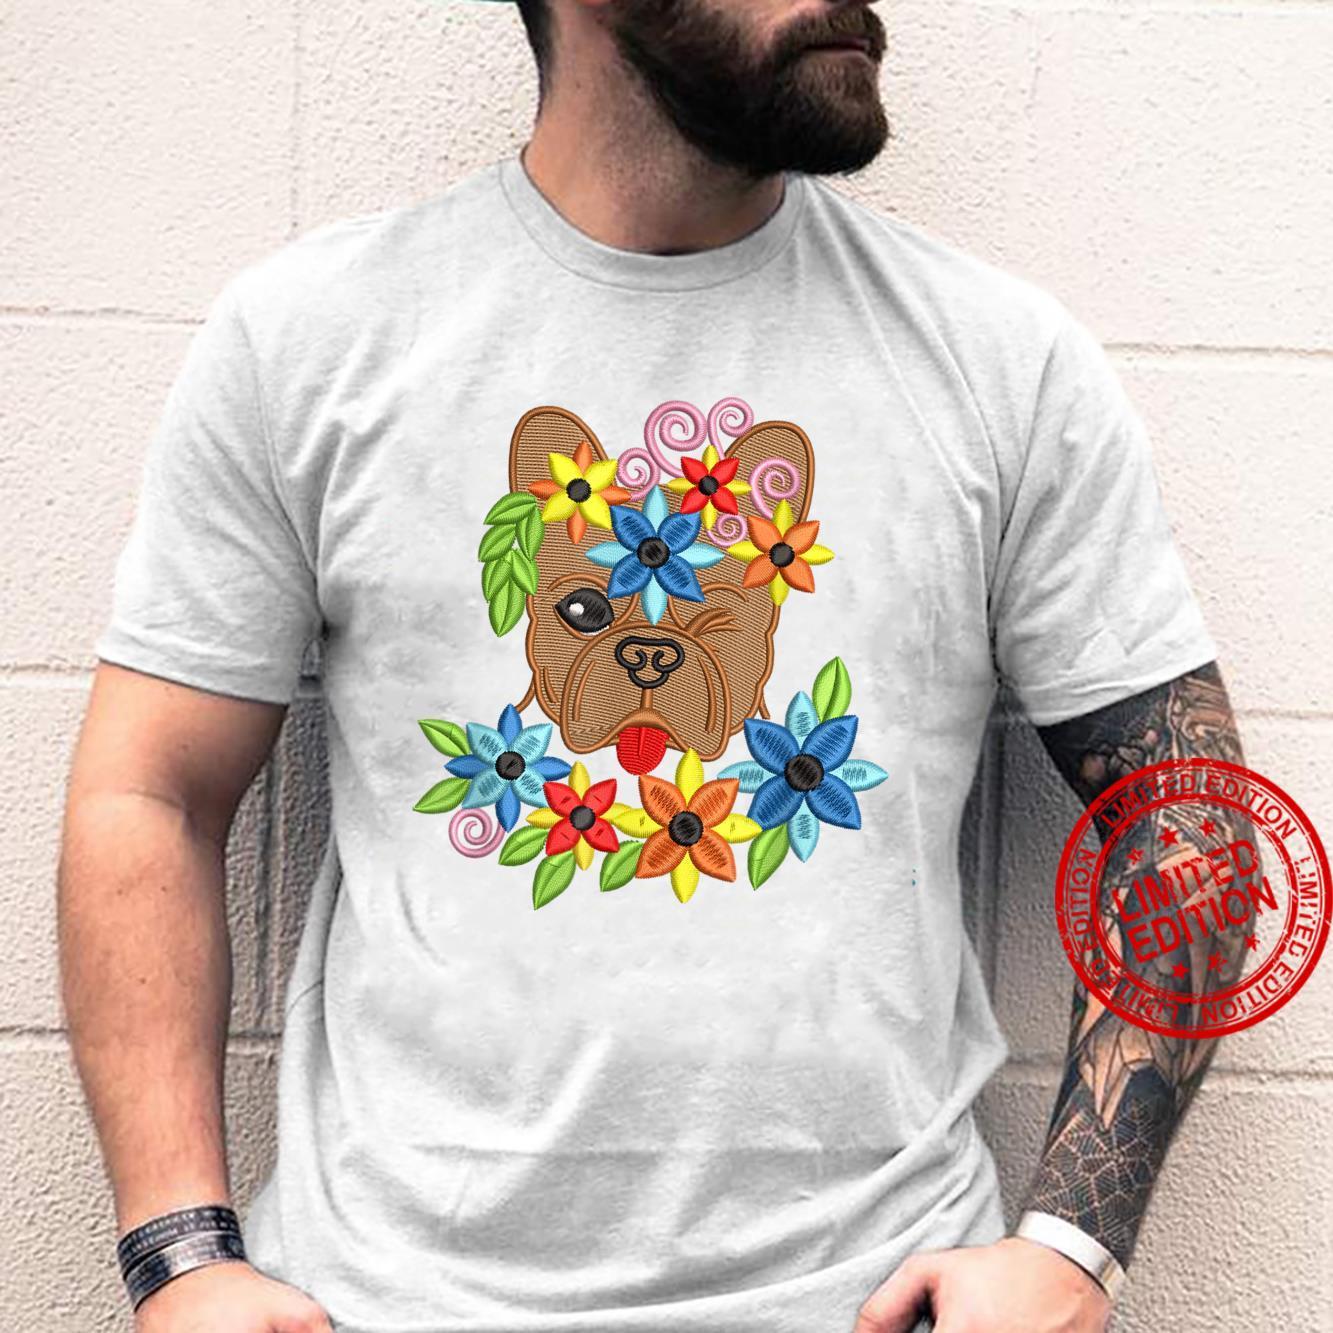 Süße alberne französische Bulldogge mit Blumen bestickter Shirt